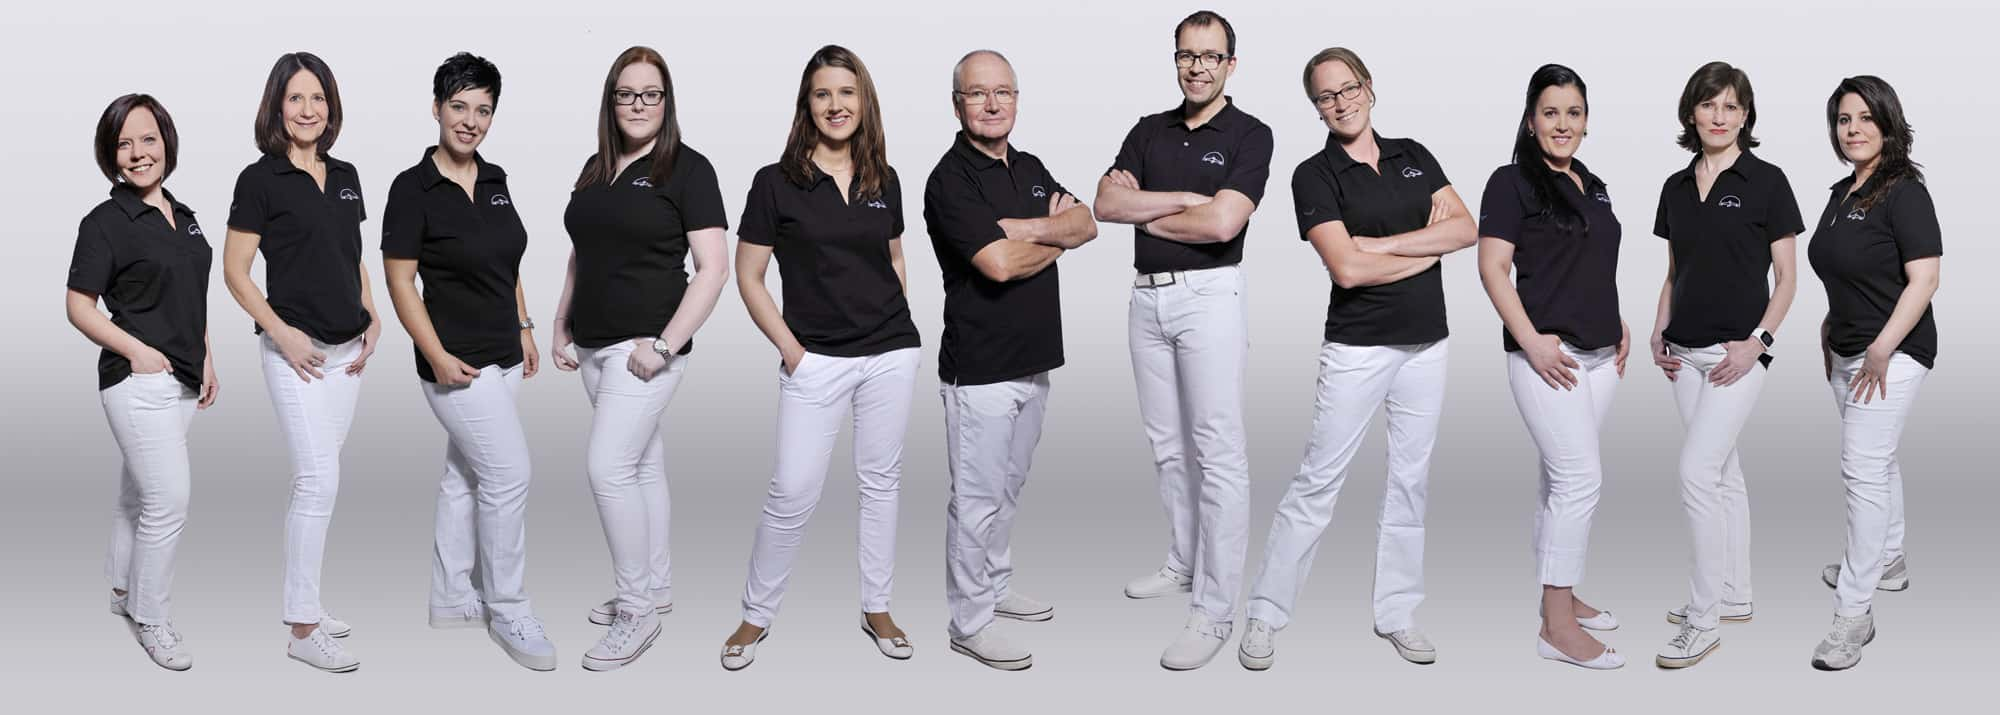 Team der orthopädischen Praxis Maier in Dillingen